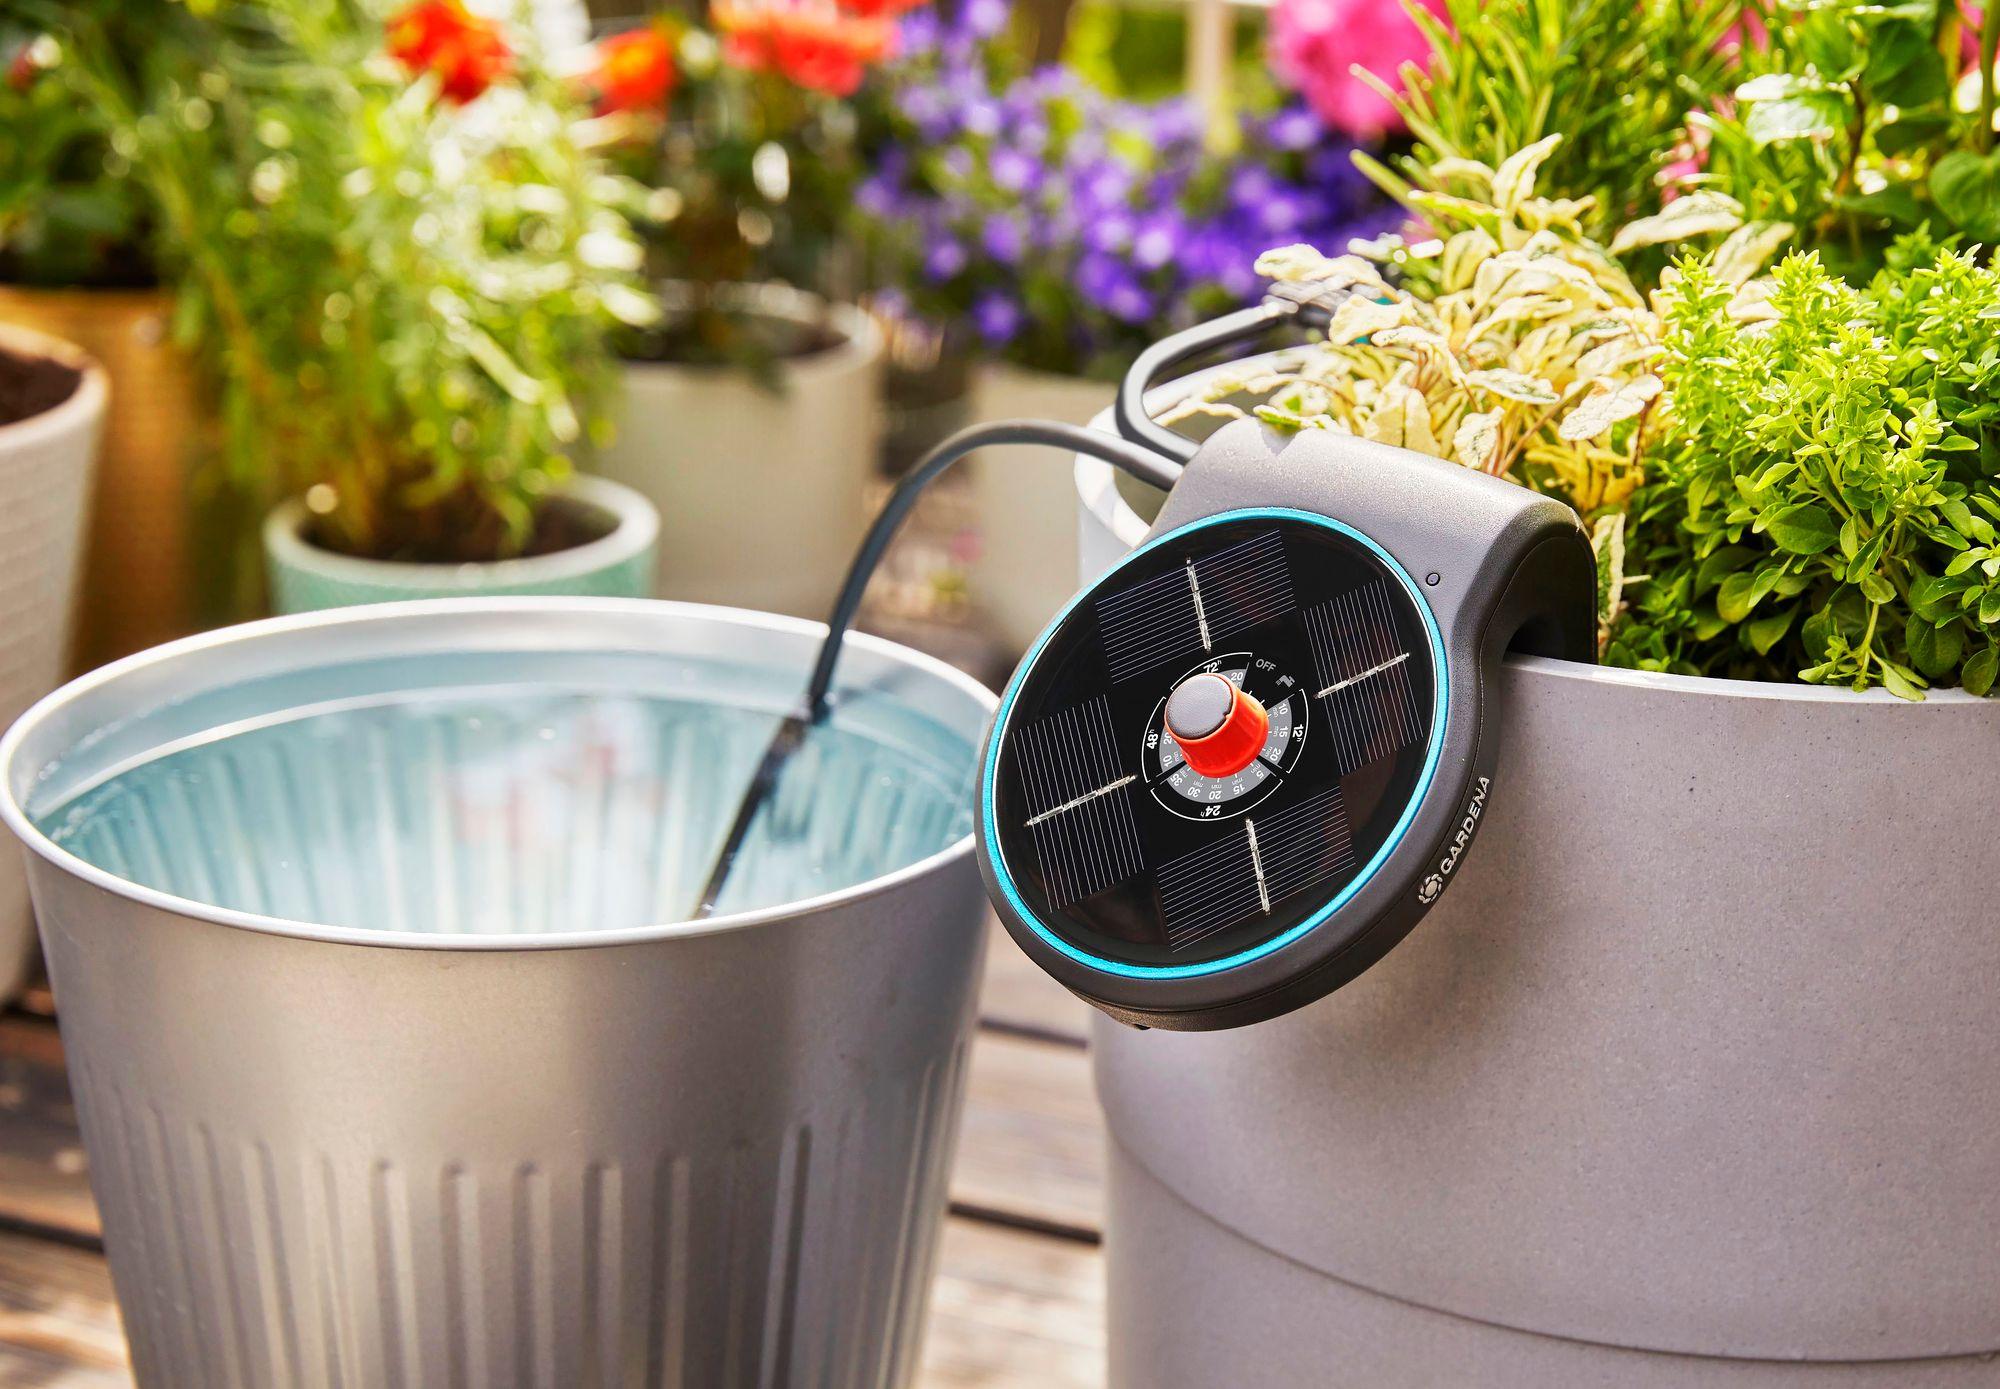 Fiksu aurinkoenergialla toimiva AquaBloom-kastelusarja hoitaa kasvien kastelun automaattisesti ilman sähköä tai juoksevaa vettä. Noin 120 €, Gardena. © Gardena